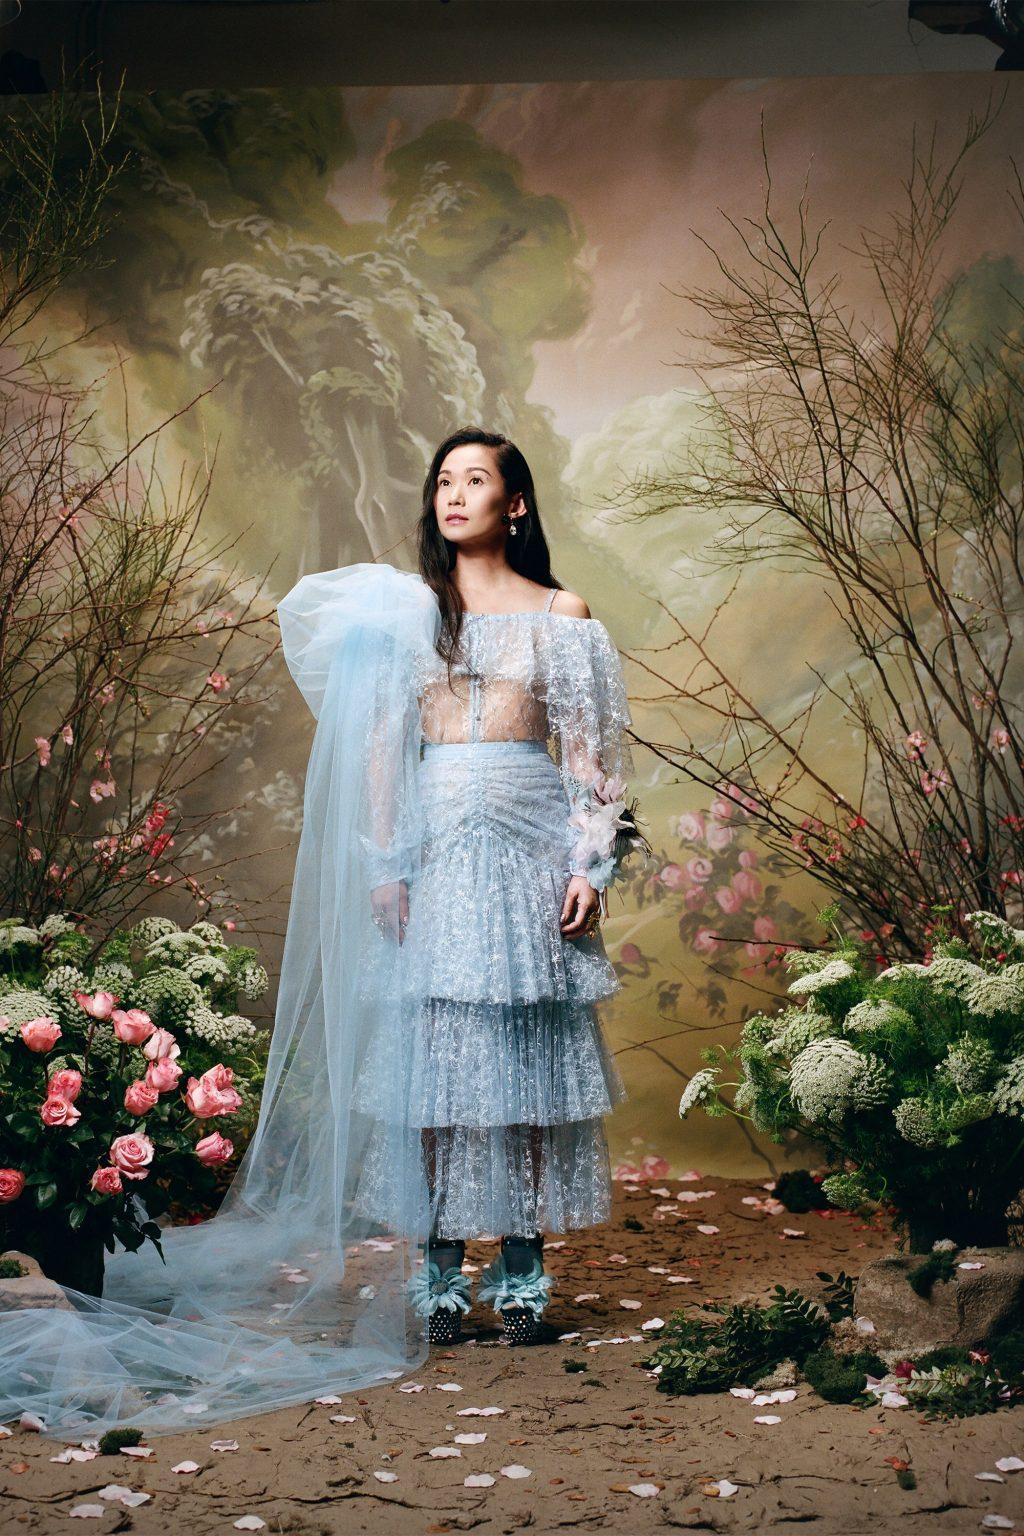 Nữ diễn viên Hồng Châu bất ngờ xuất hiện trong bộ ảnh quảng bá của hãng thời trang danh tiếng